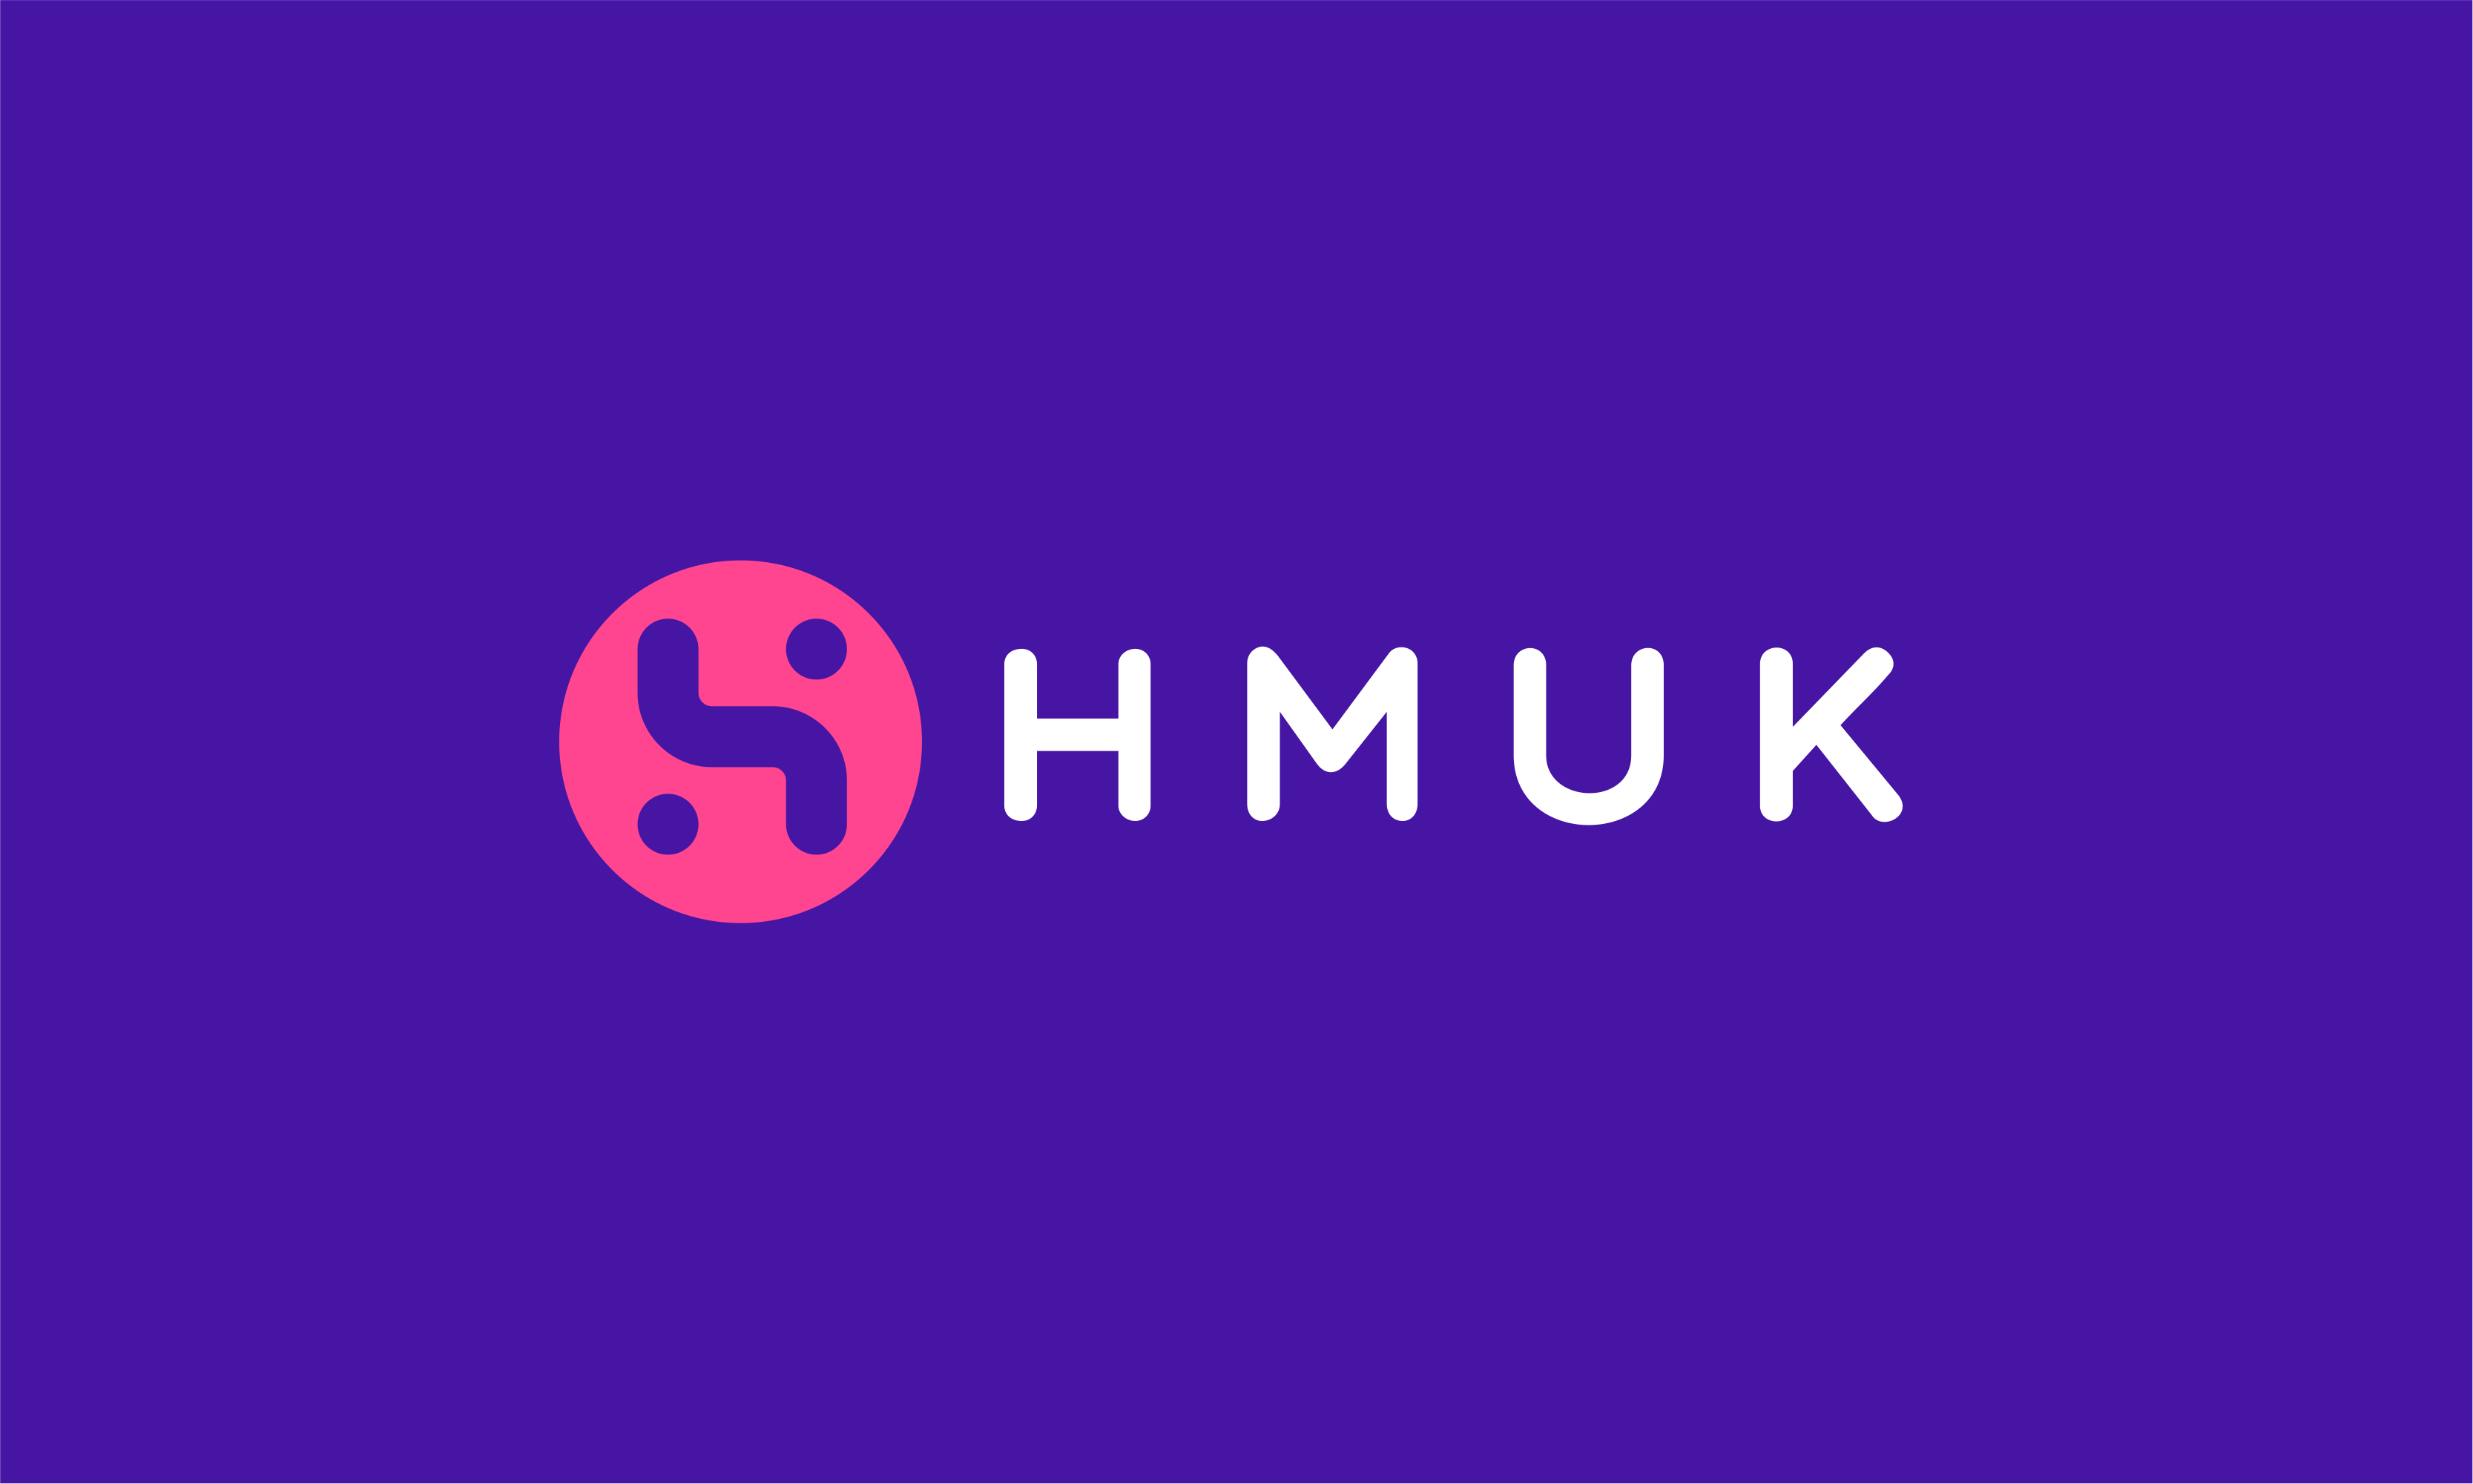 hmuk logo